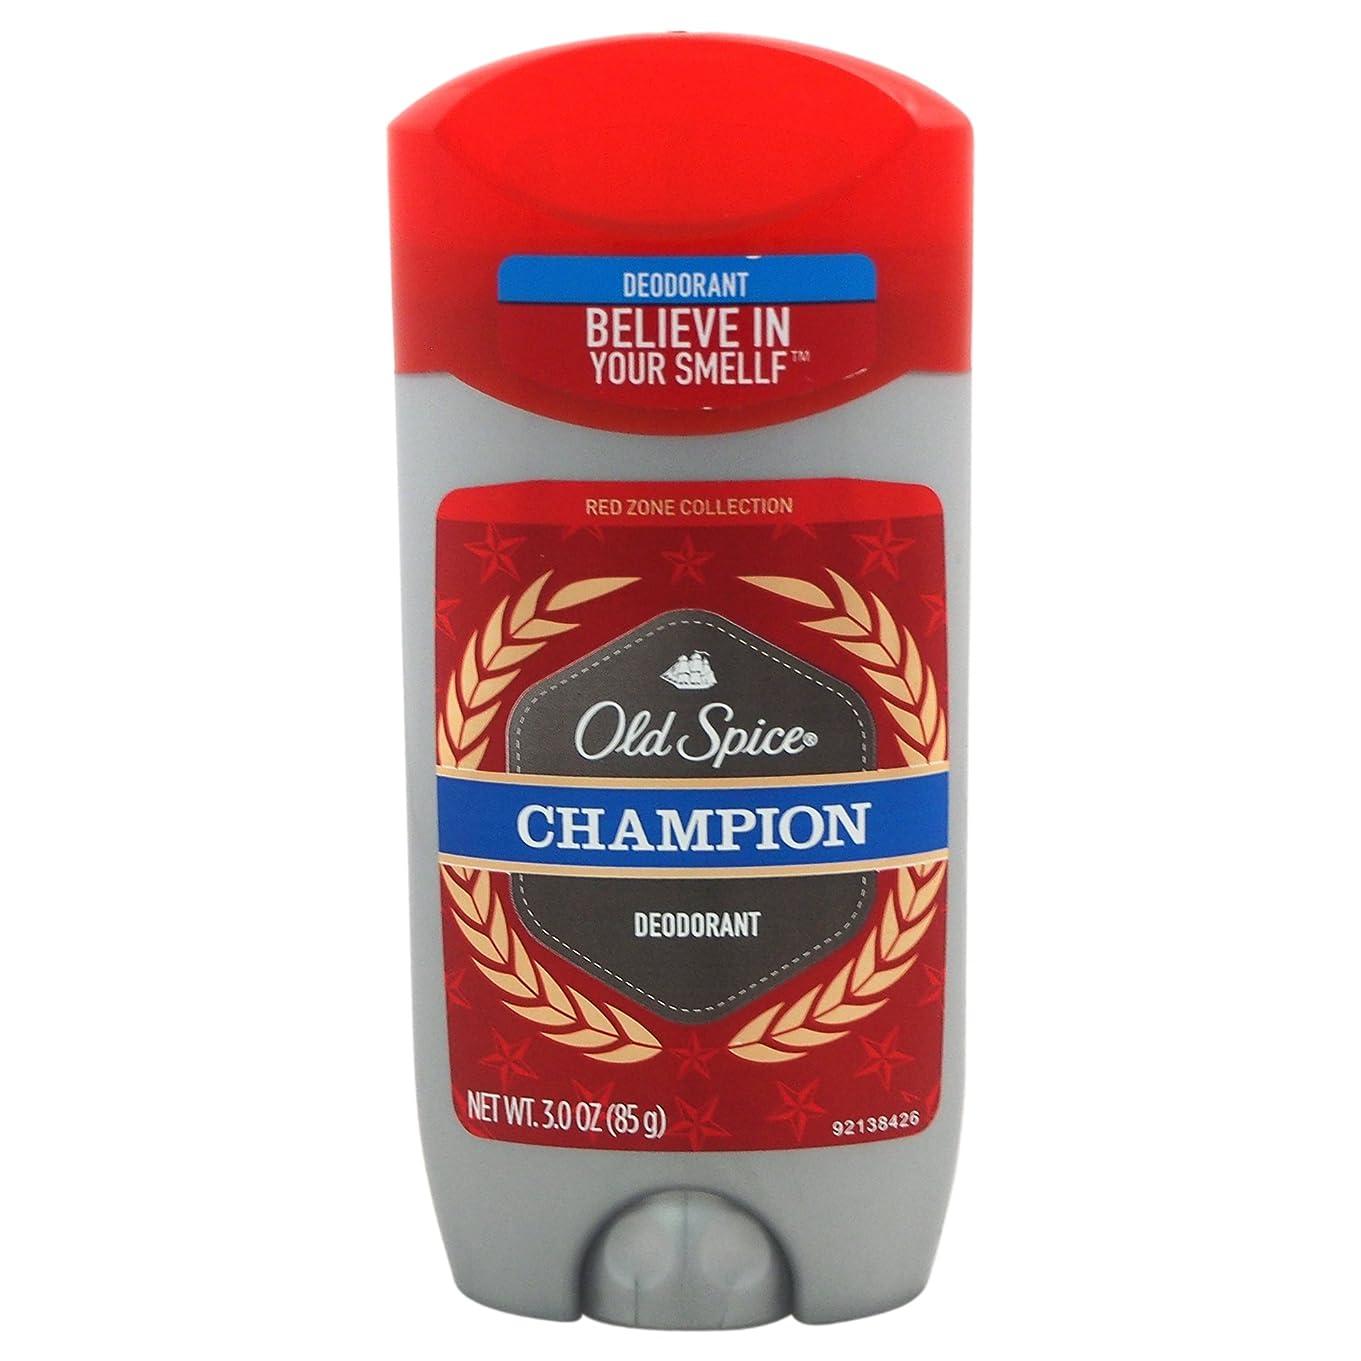 必要とするがっかりする自然公園オールドスパイス(Old Spice) Deodorant デオドラント Red zone CHAMPION/チャンピョン 85g[並行輸入品]